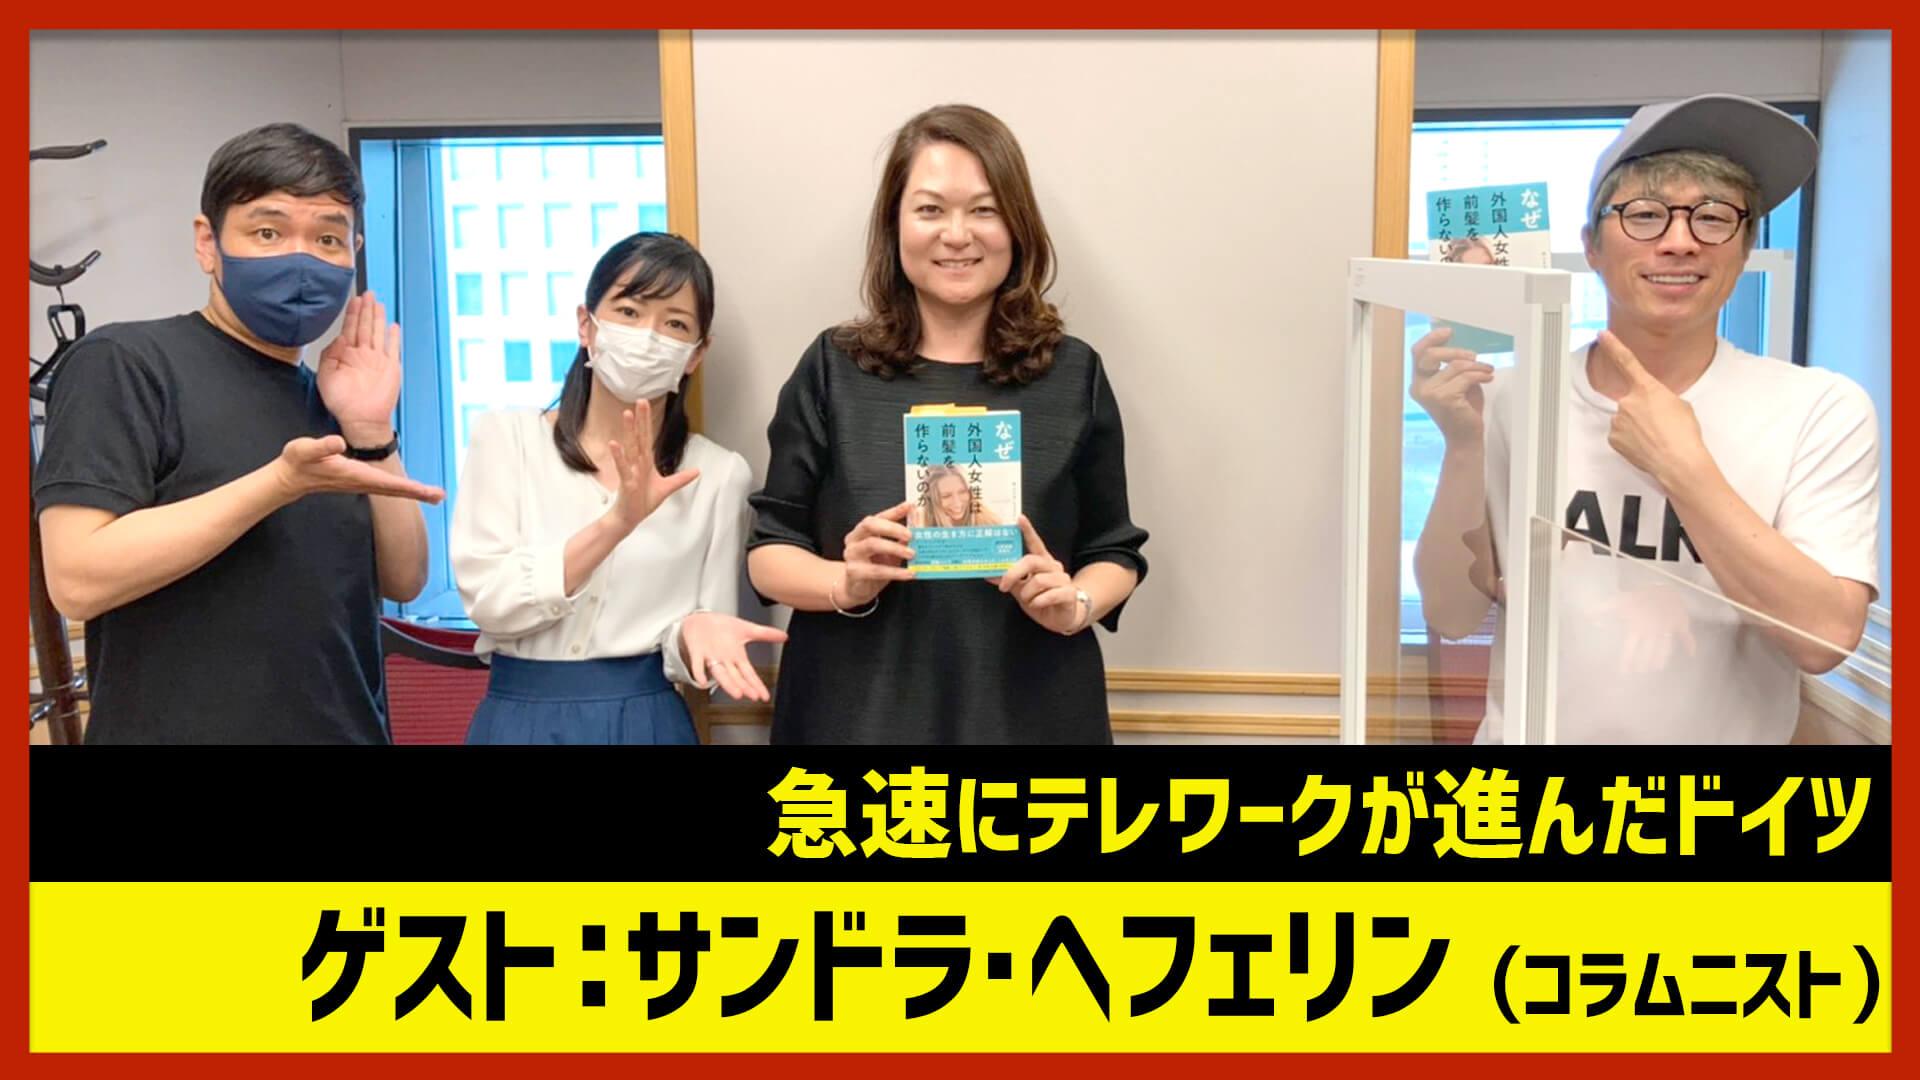 【田村淳のNewsCLUB】ゲスト: サンドラ・ヘフェリンさん(2021年5月8日後半)